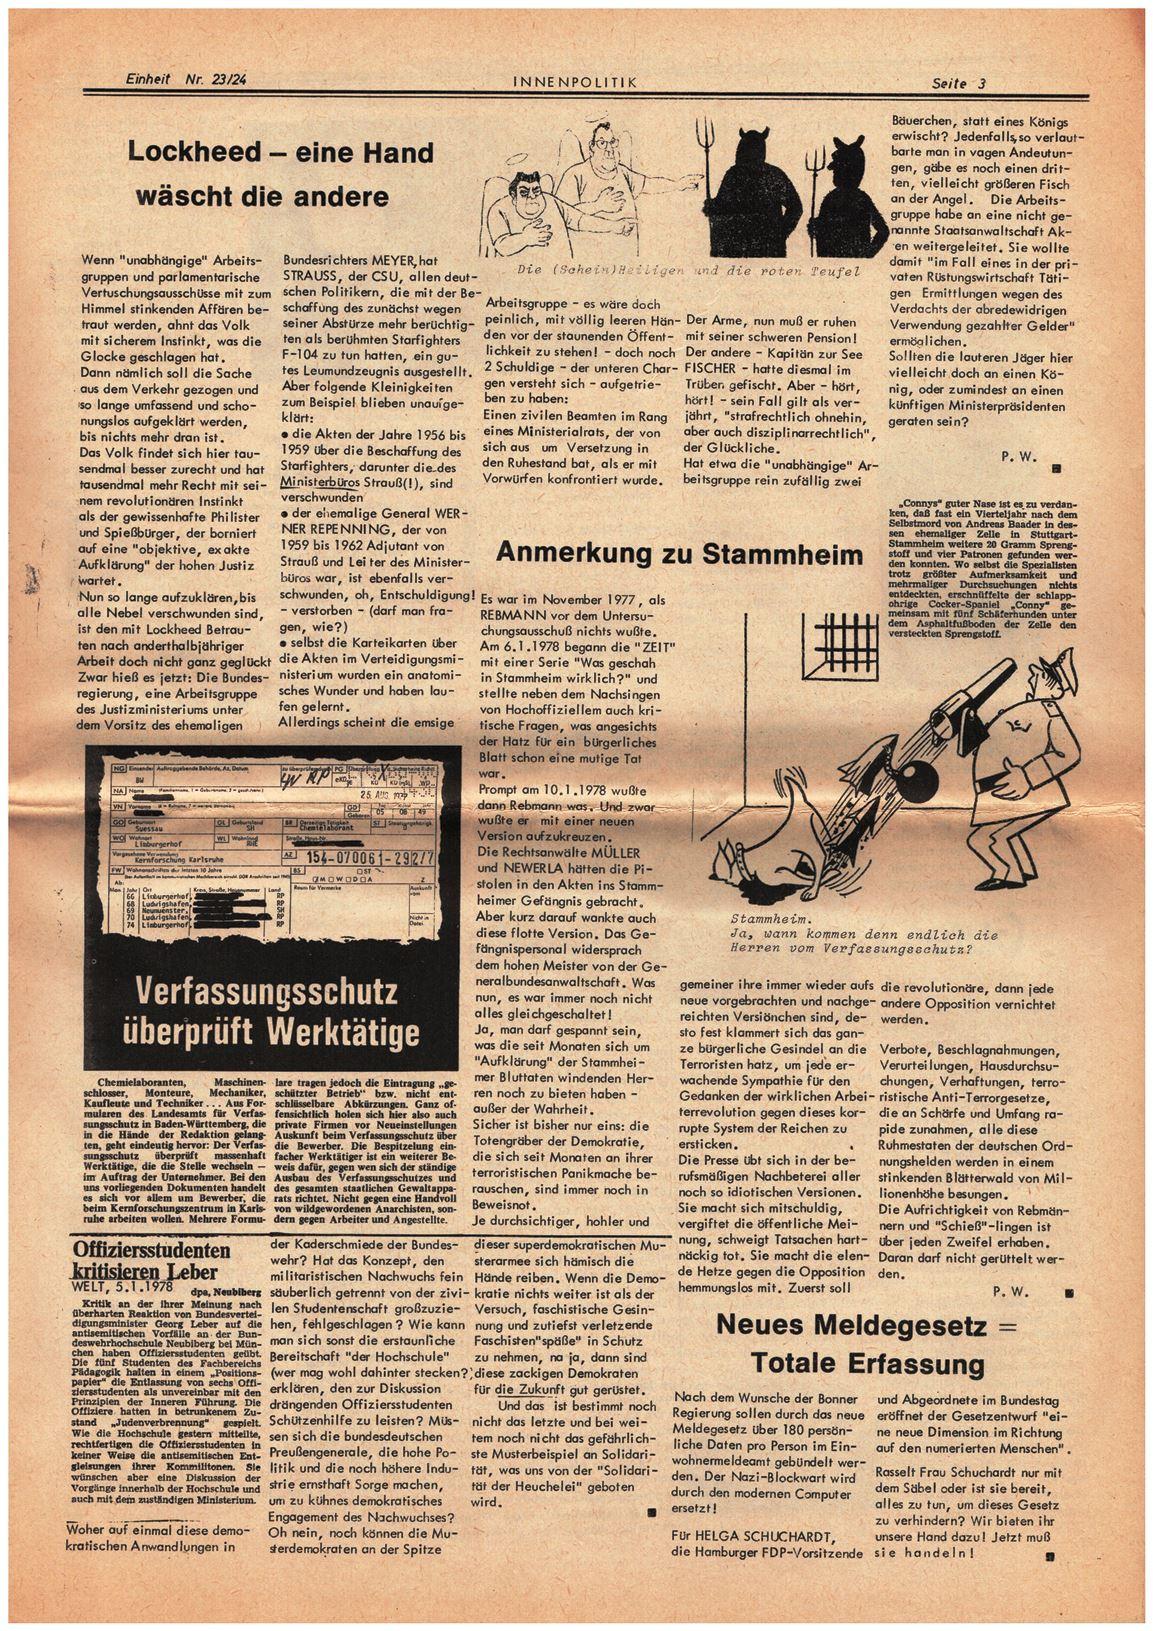 Koeln_IPdA_Einheit_1978_023_024_003